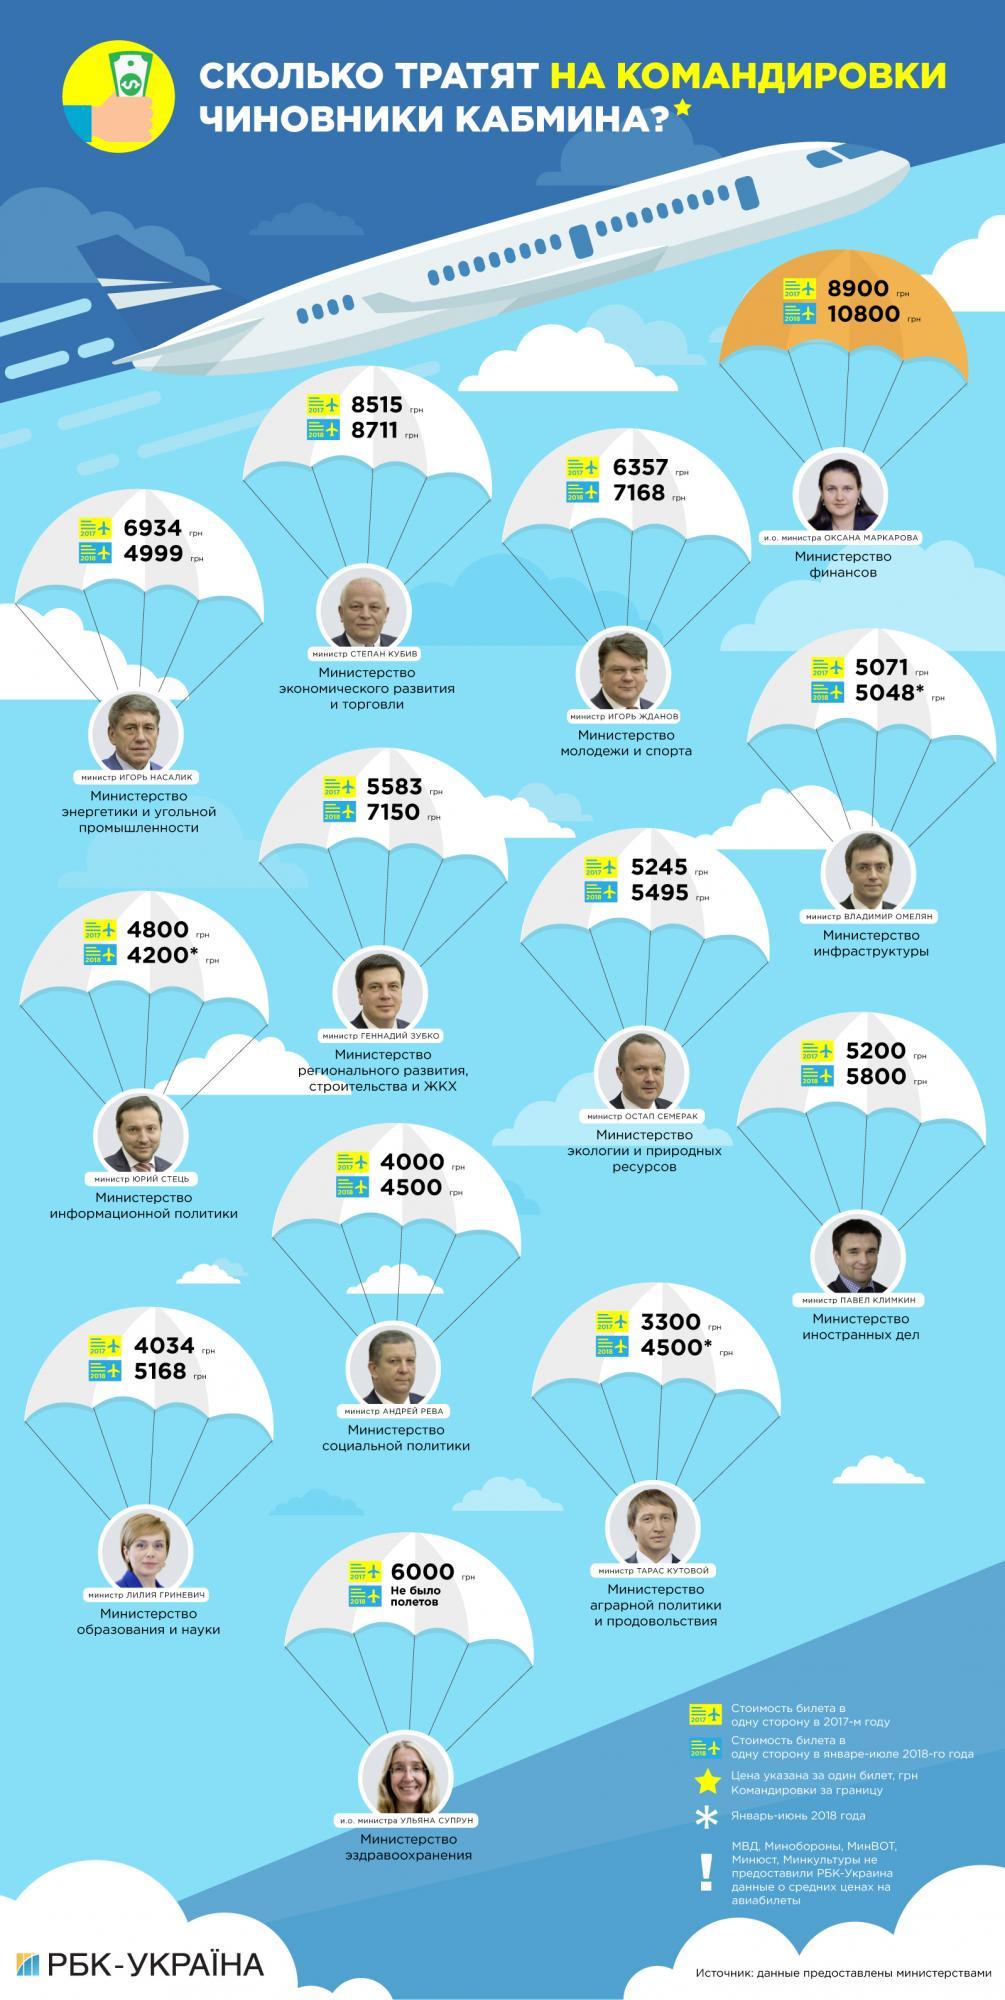 Бюджет на выезде: сколько чиновники Кабмина тратят на заграничные командировки